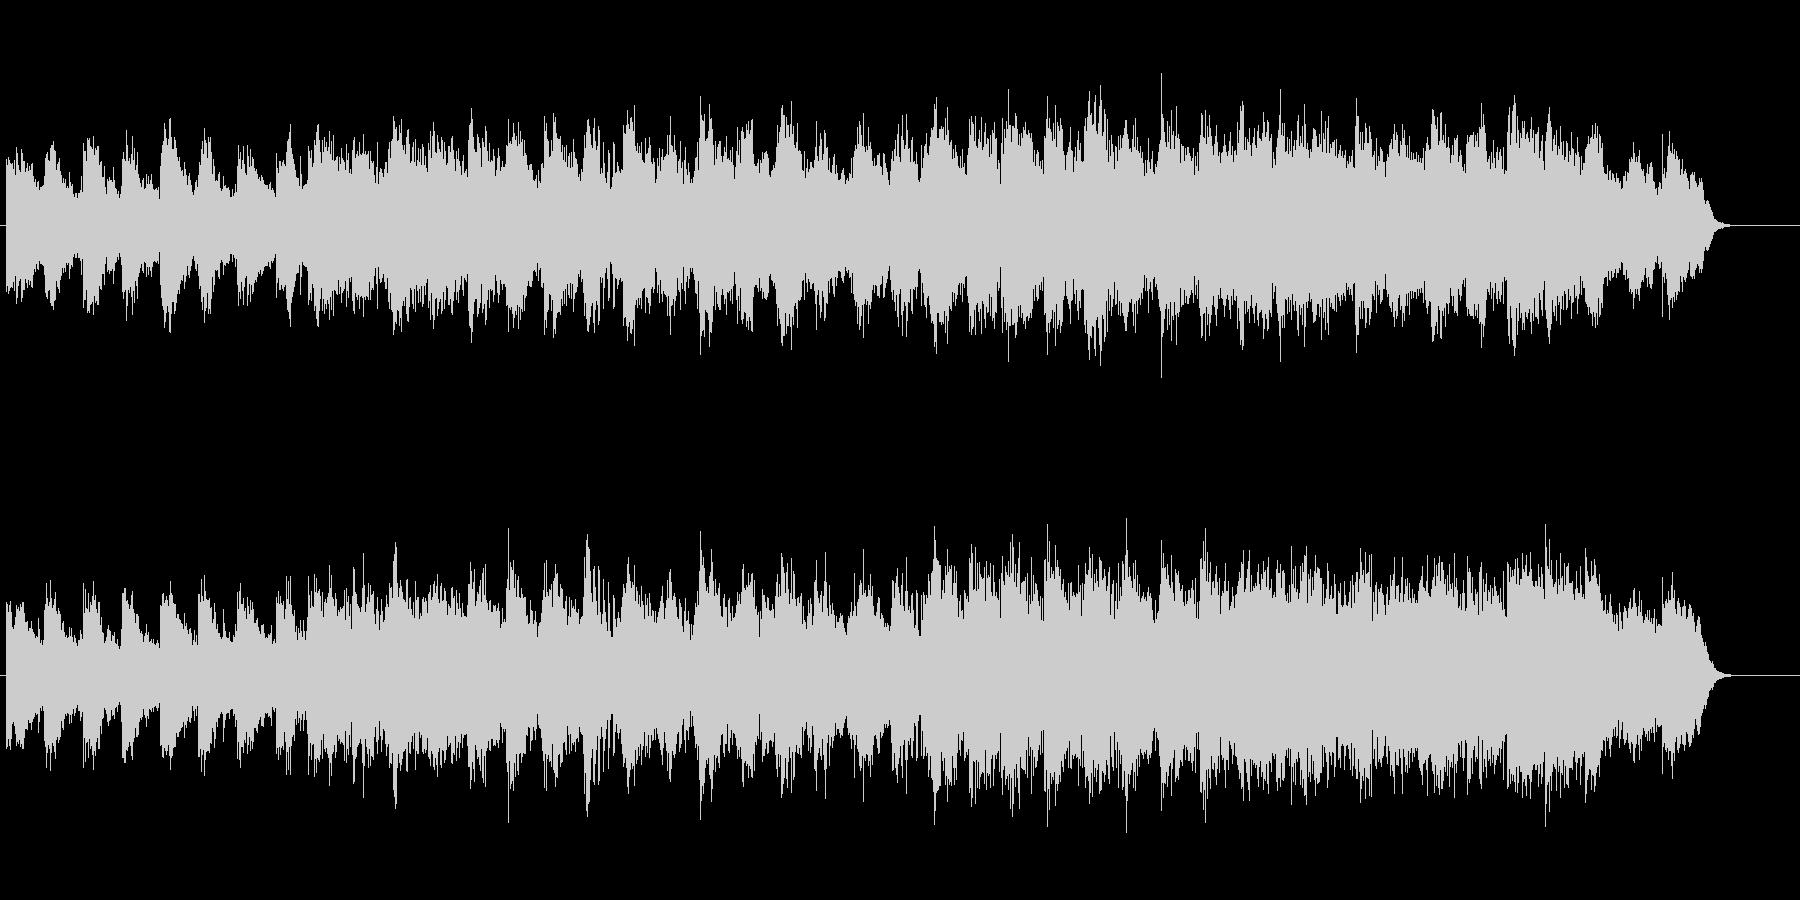 安らぎのアンビ系サウンドの未再生の波形